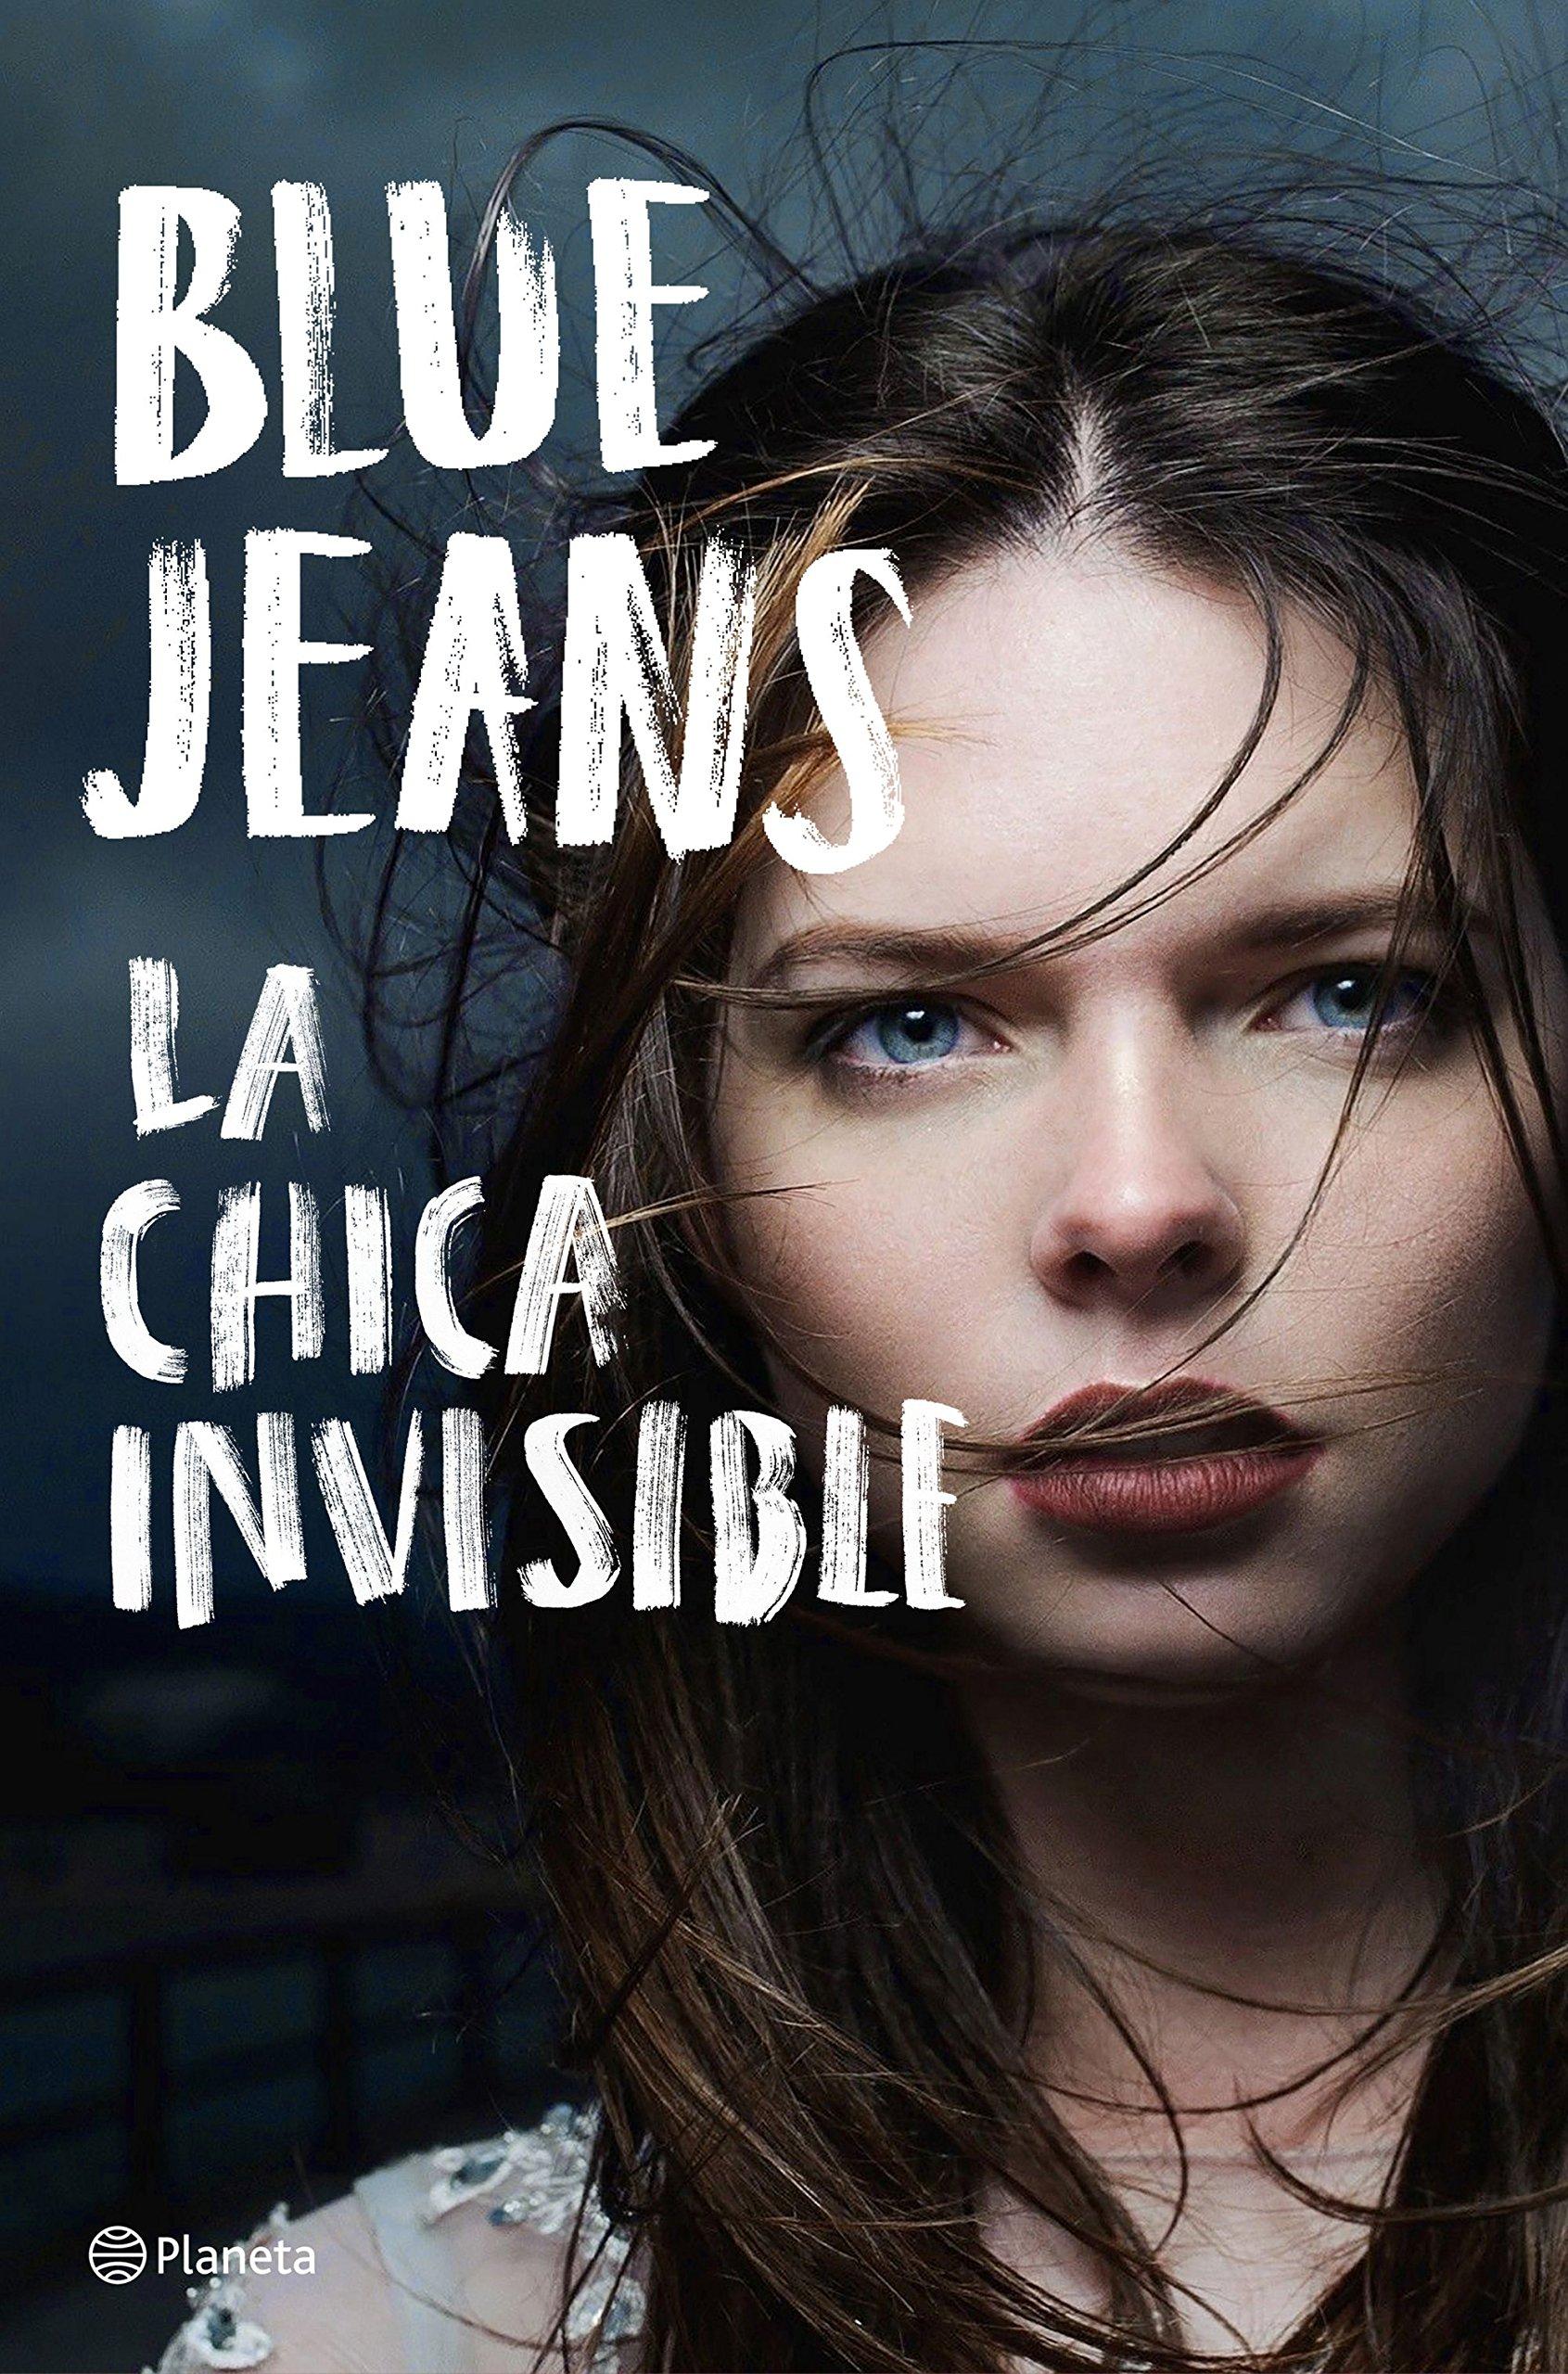 Portada libro - La chica invisible